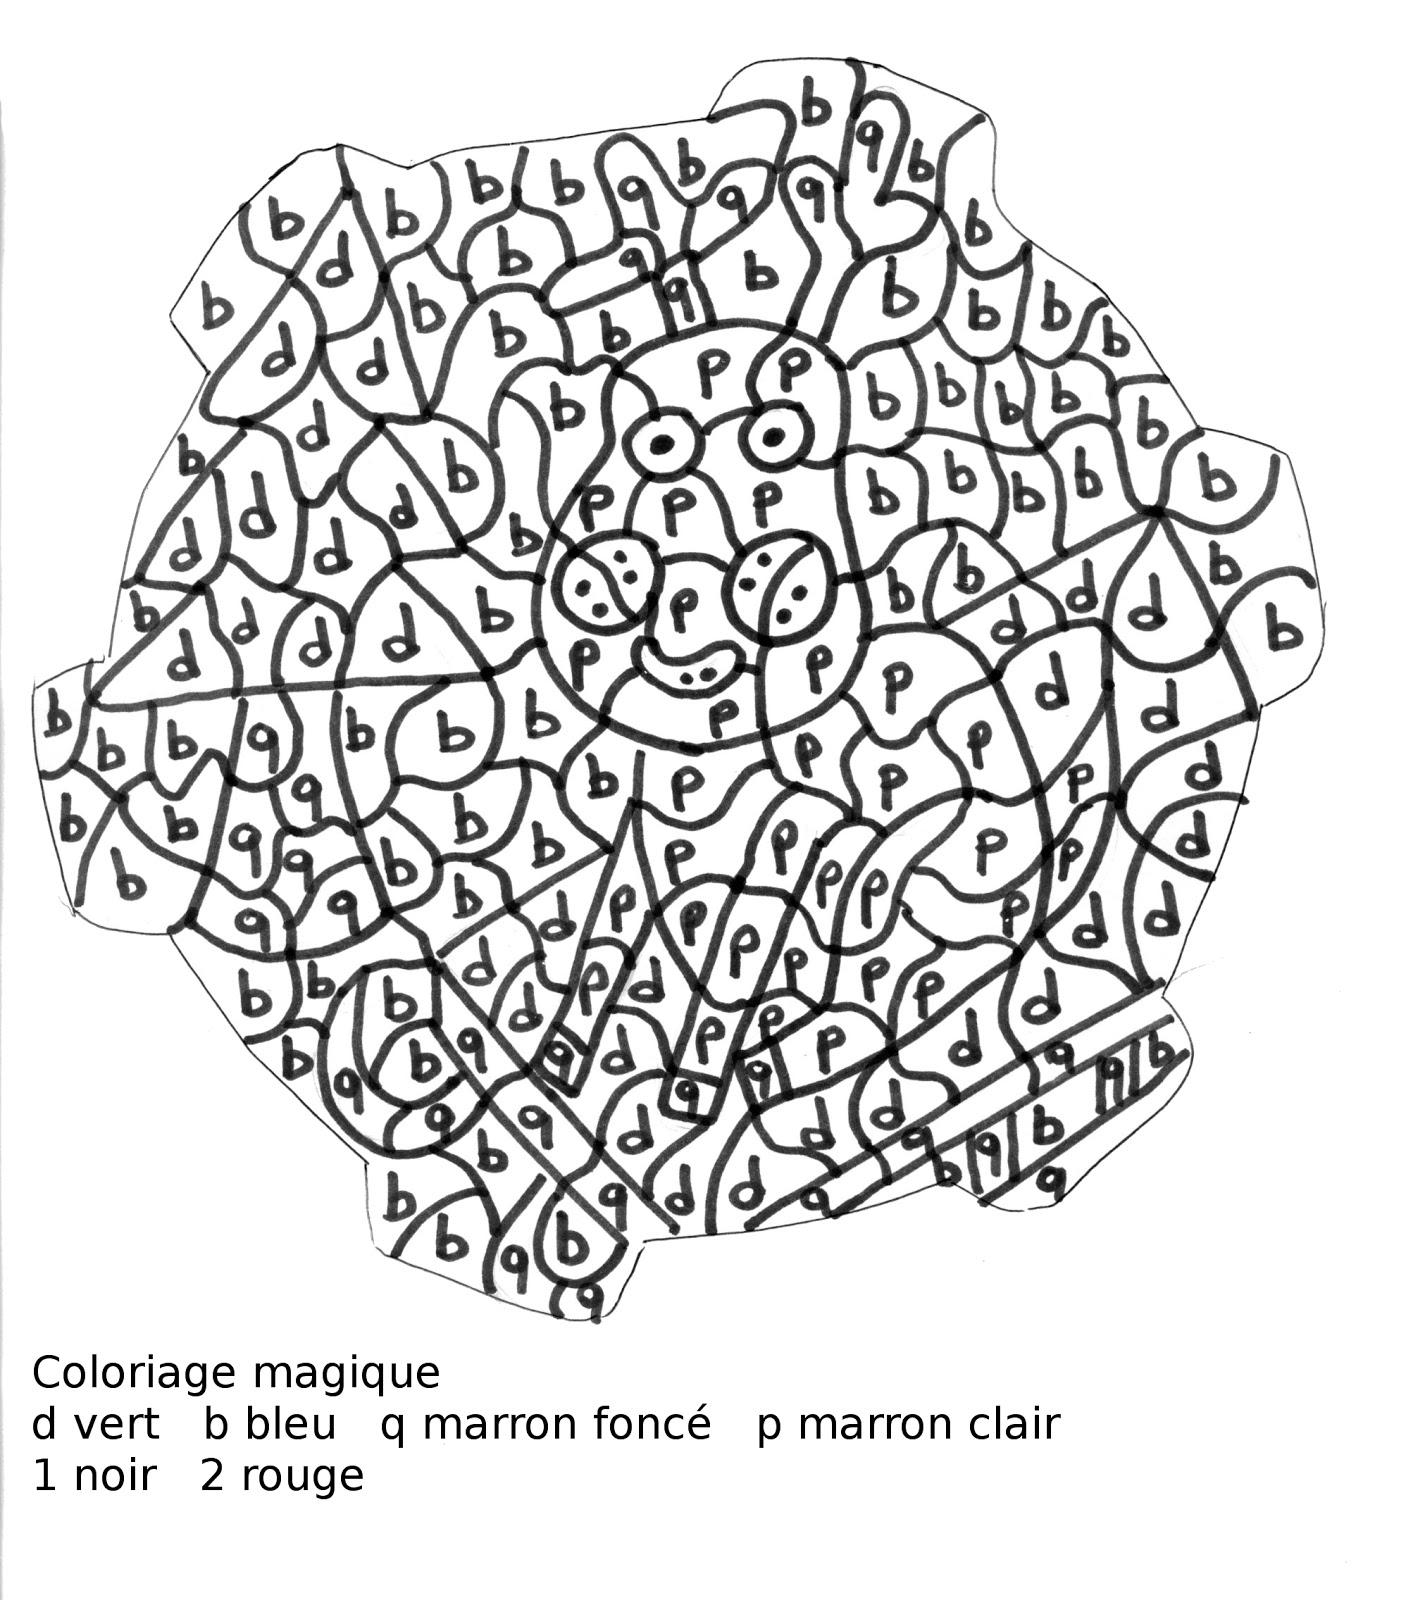 Maternelle: Coloriage Magique De Noël : Un Renne Sur Un tout Coloriages Magiques Noel